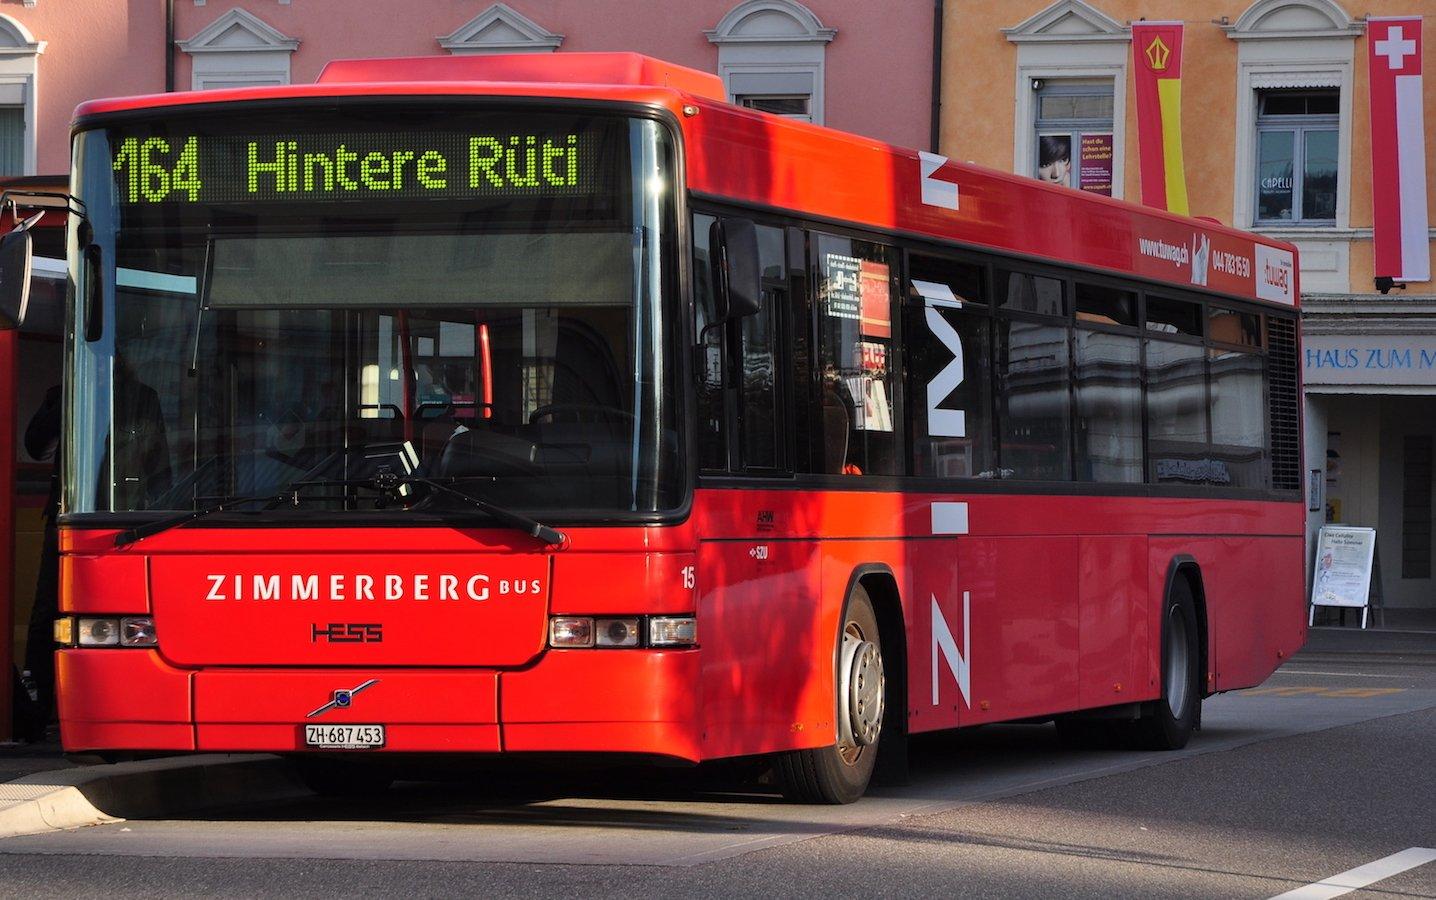 Die meisten der roten Zimmerberg-Busse auf dem linken Zürichseeufer werden von einer Tochterfirma der Zugerland Verkehrsbetriebe gefahren.